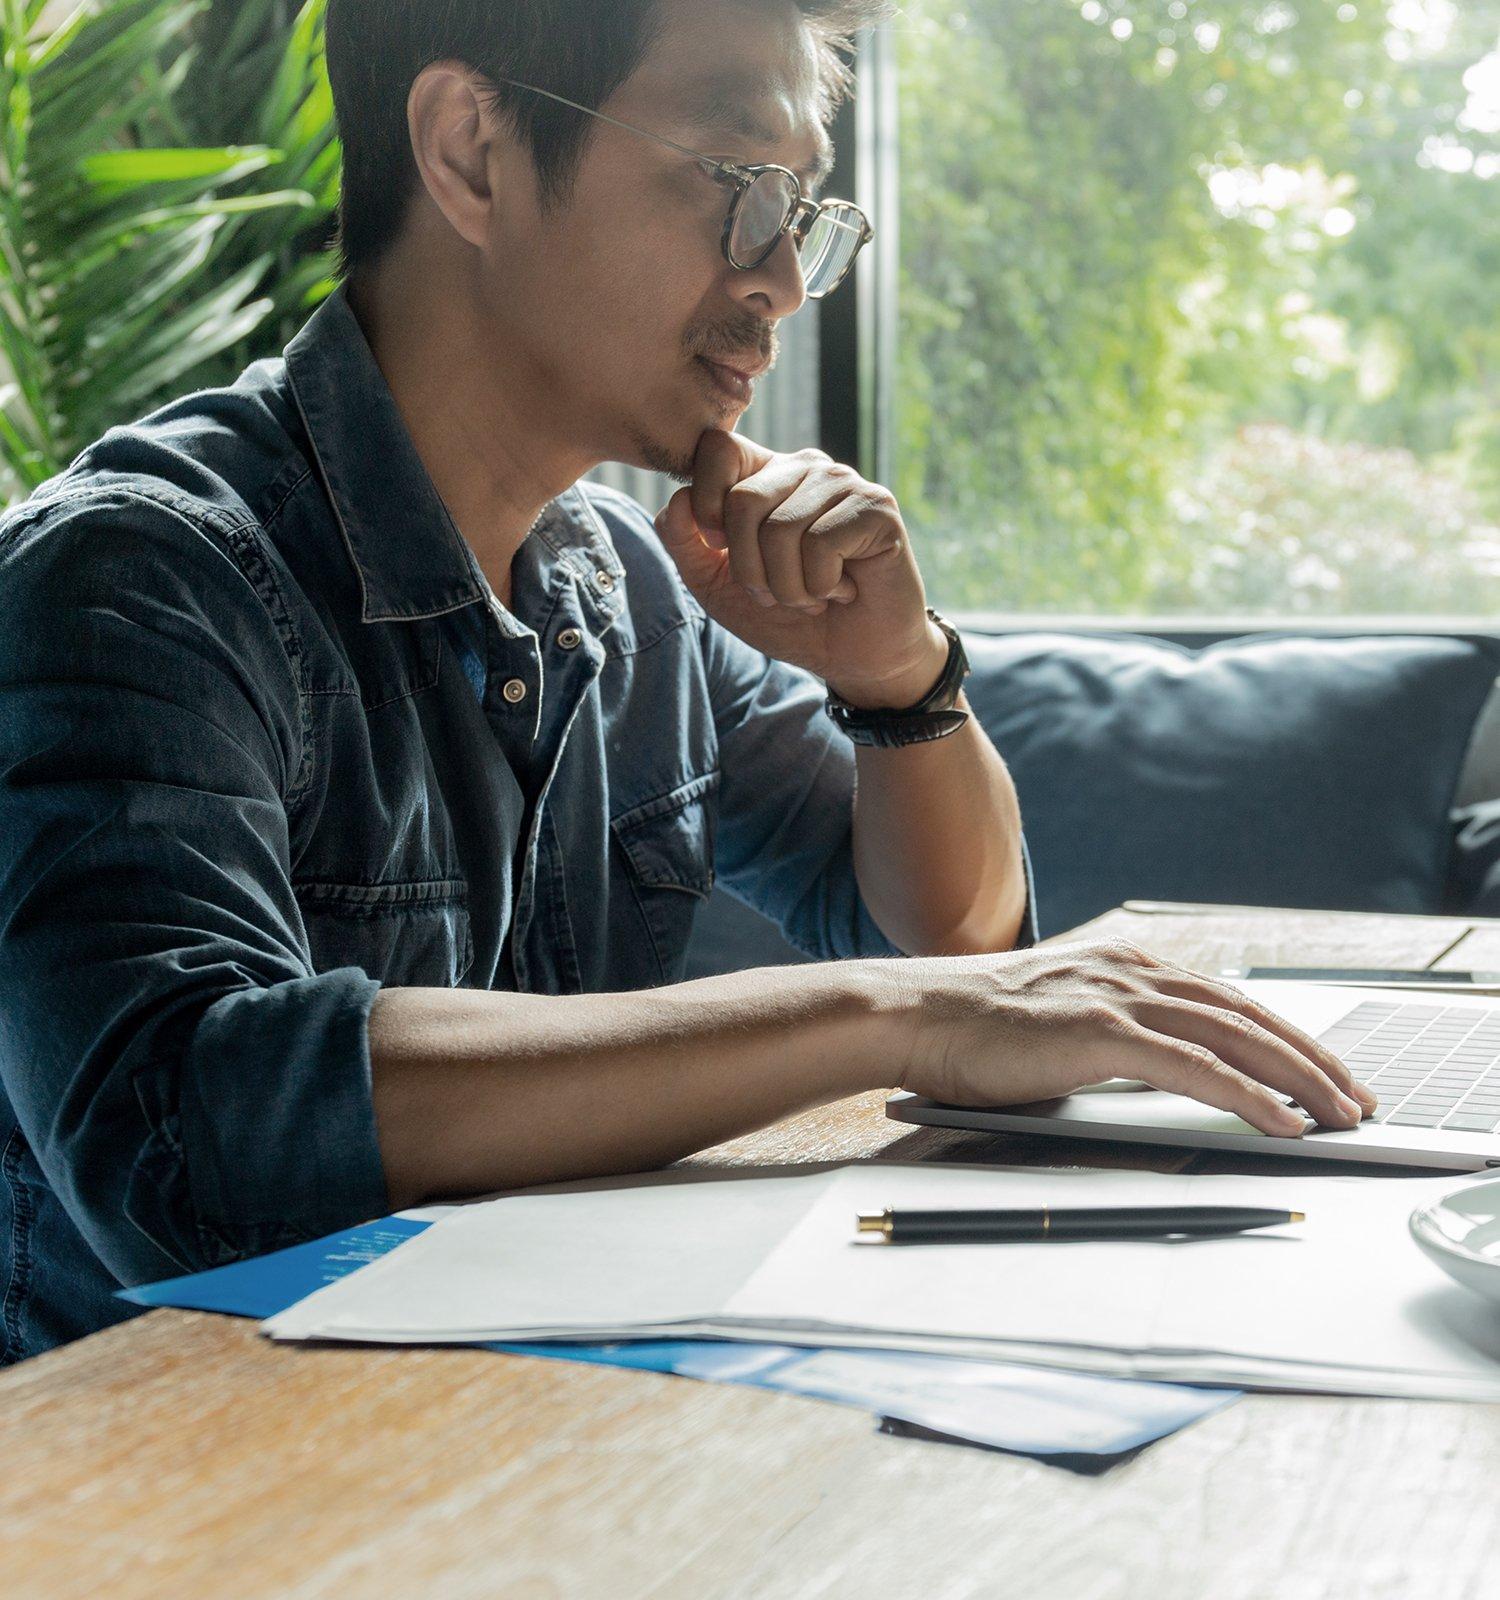 Man banking online